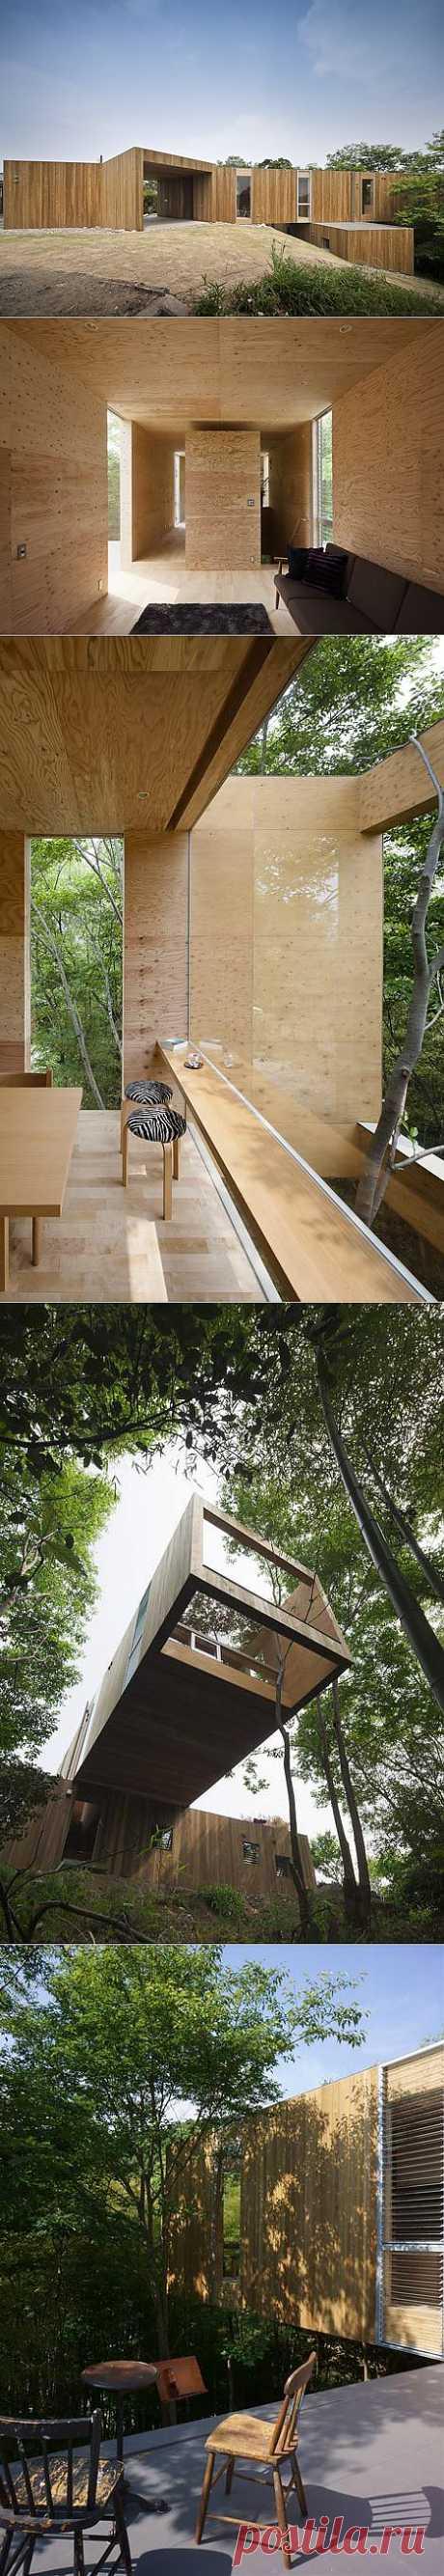 +Node оригинальный дом от японских дизайнеров. - Мир отделки и ремонта